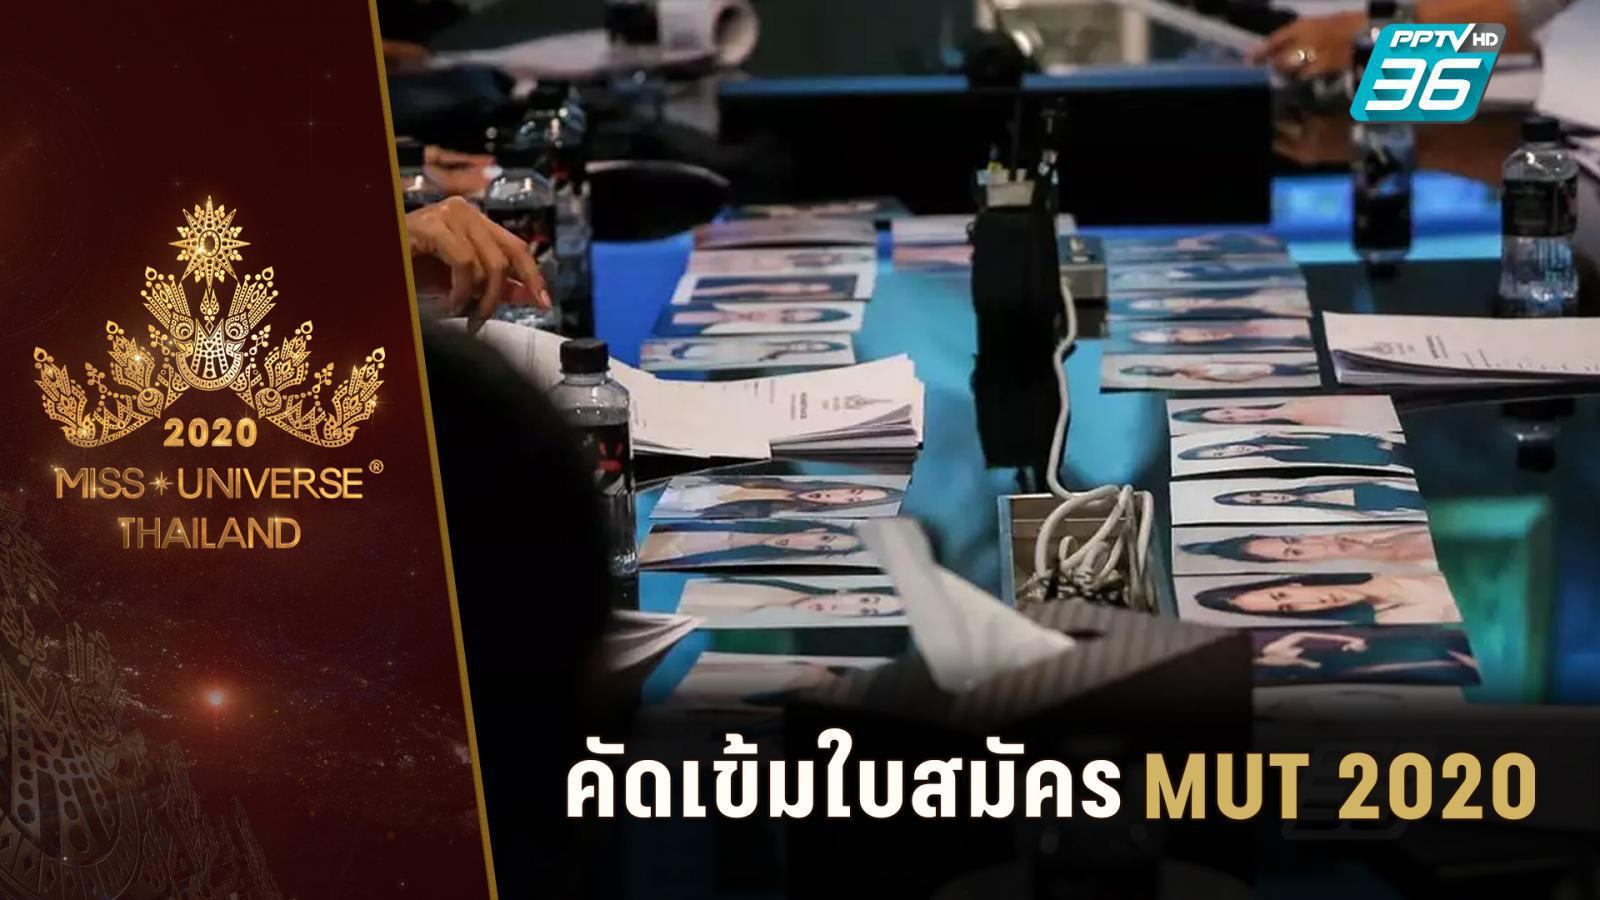 เตรียมเปิดตัว 100 สาวงามบนเวที Miss Universe Thailand 2020